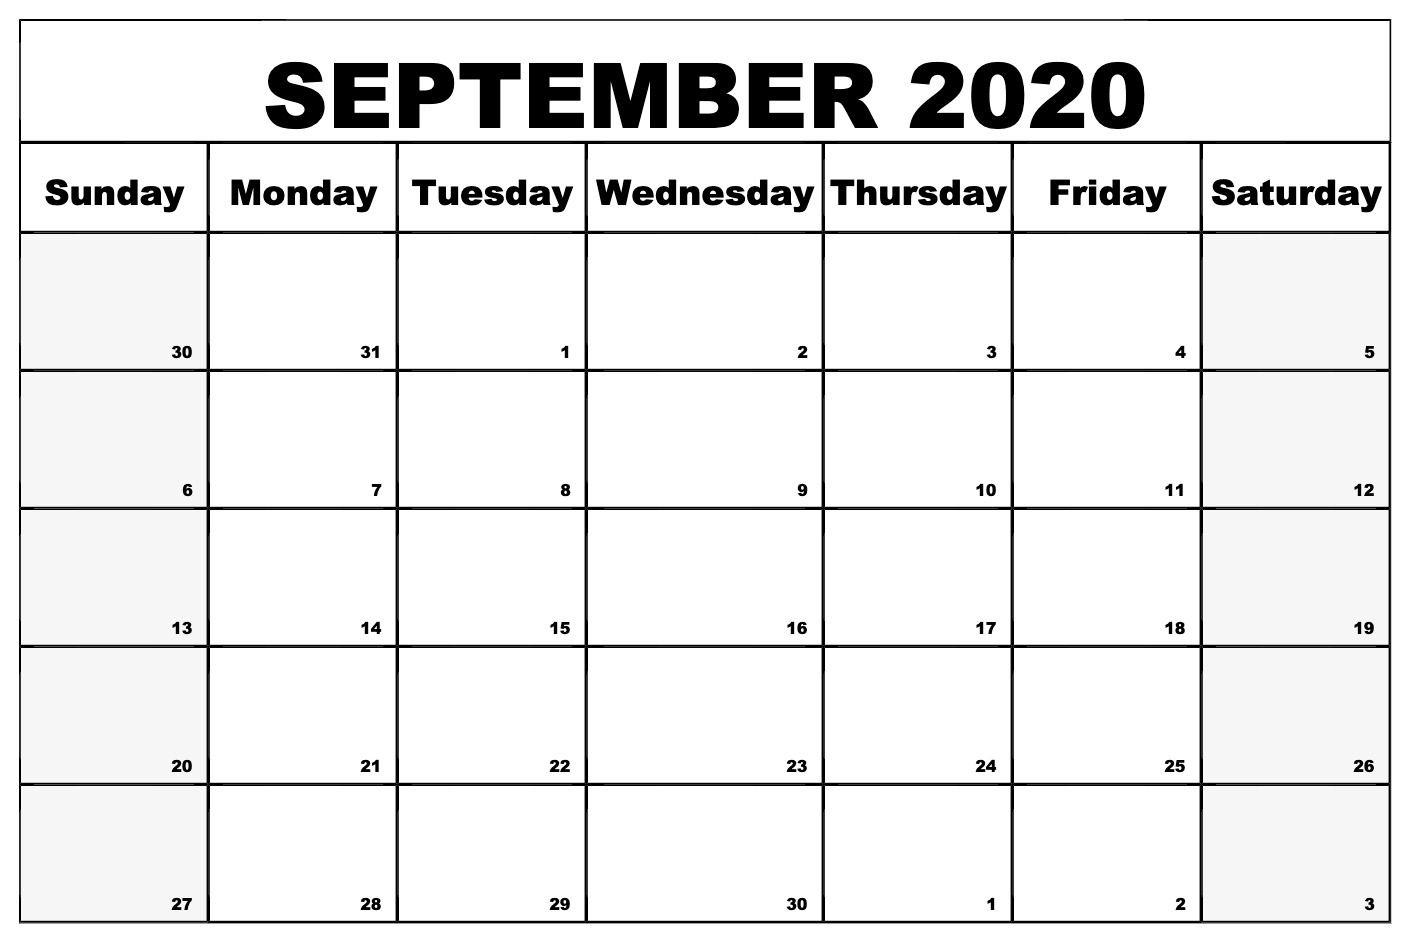 Printable September 2020 Calendar Blank Template | September